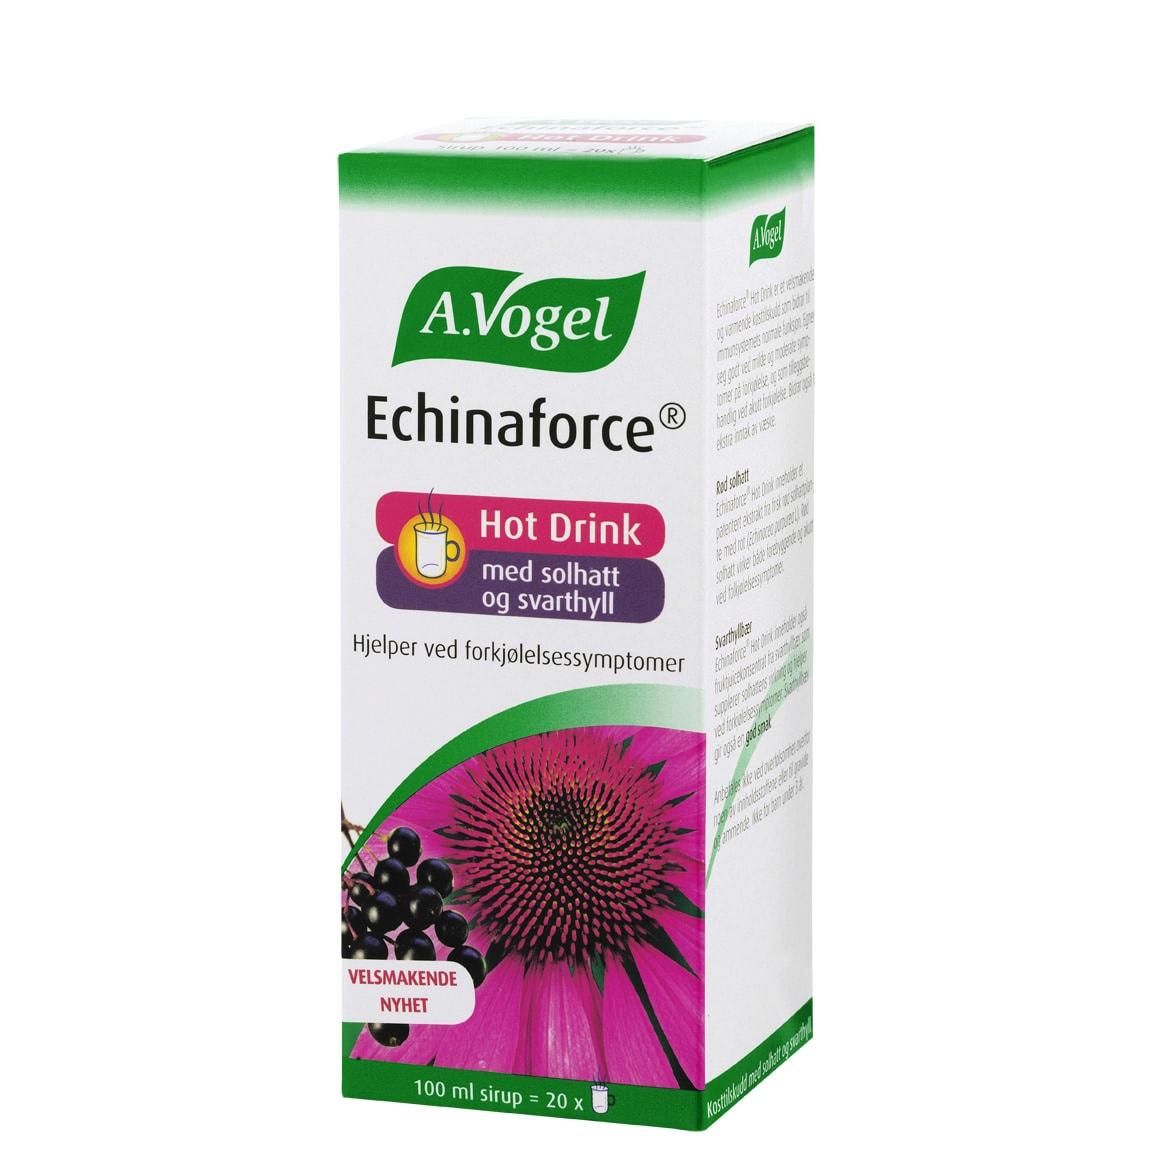 A. Vogel Echinaforce Hot Drink (eske, forside)